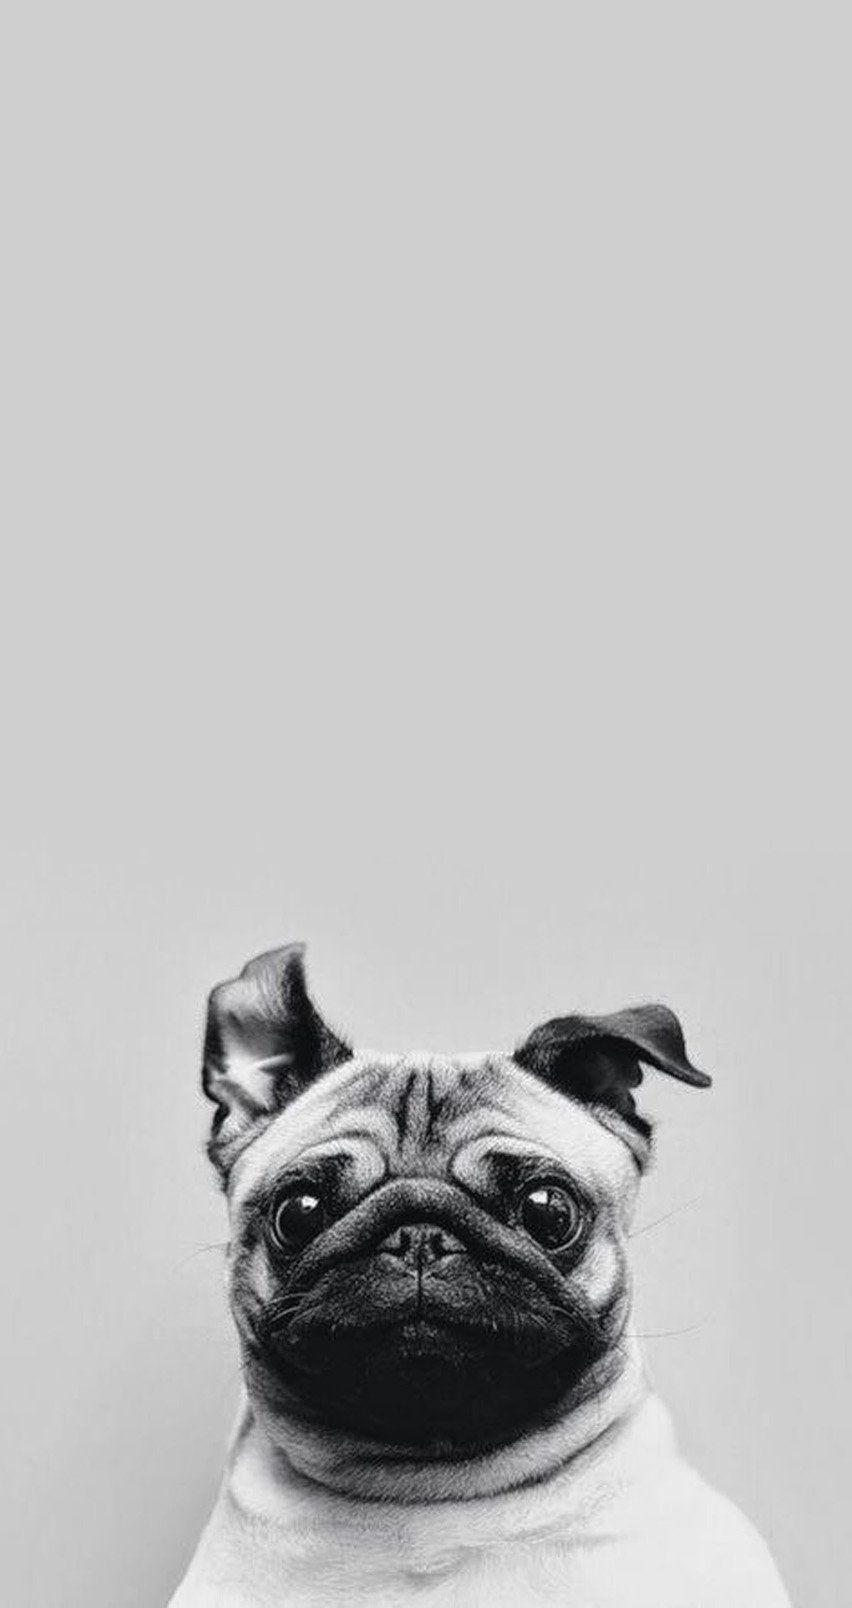 Perro Asustado Fondos Para Iphone Fondos Whatsapp Animal Domestico Perros Pug